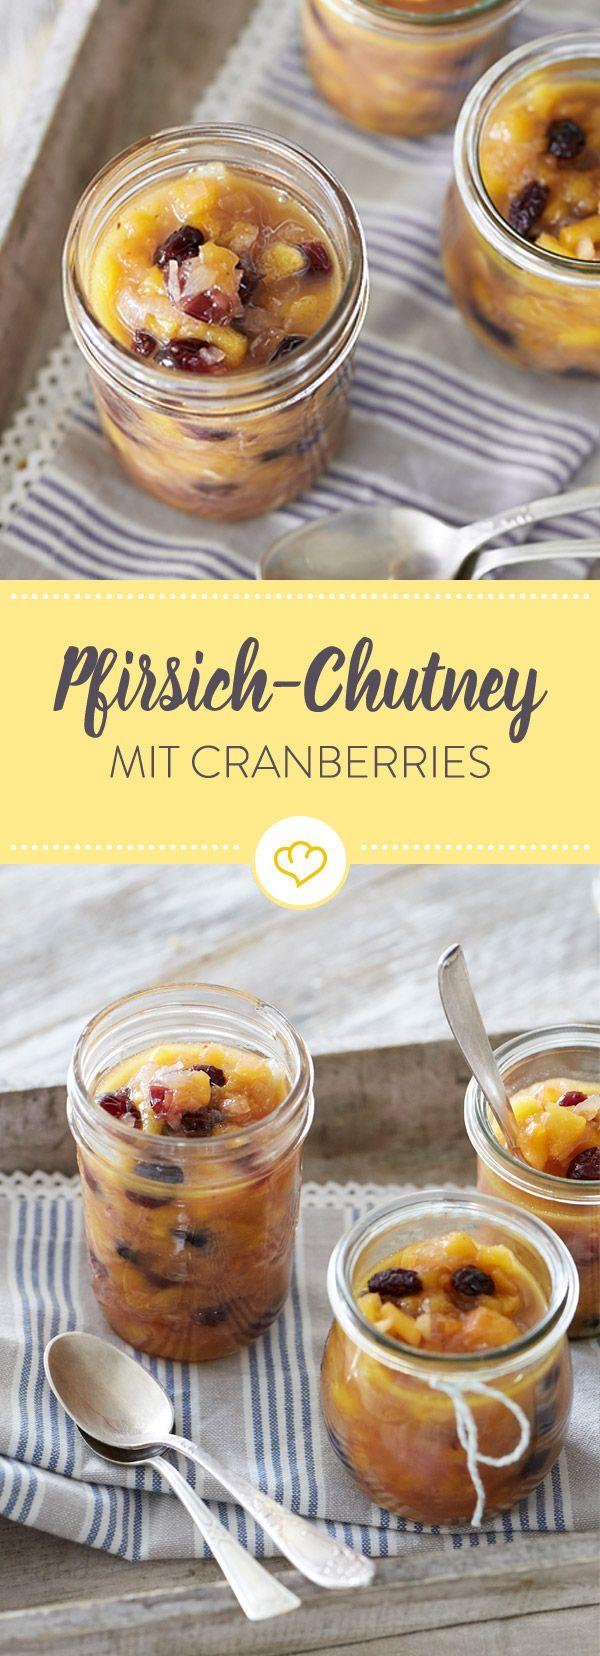 Perfekt für gesellige Grillabende: Sommeraromen in einem Glas vereint beschert dir dieses wunderbar fruchtige Pfirsich-Chutney.